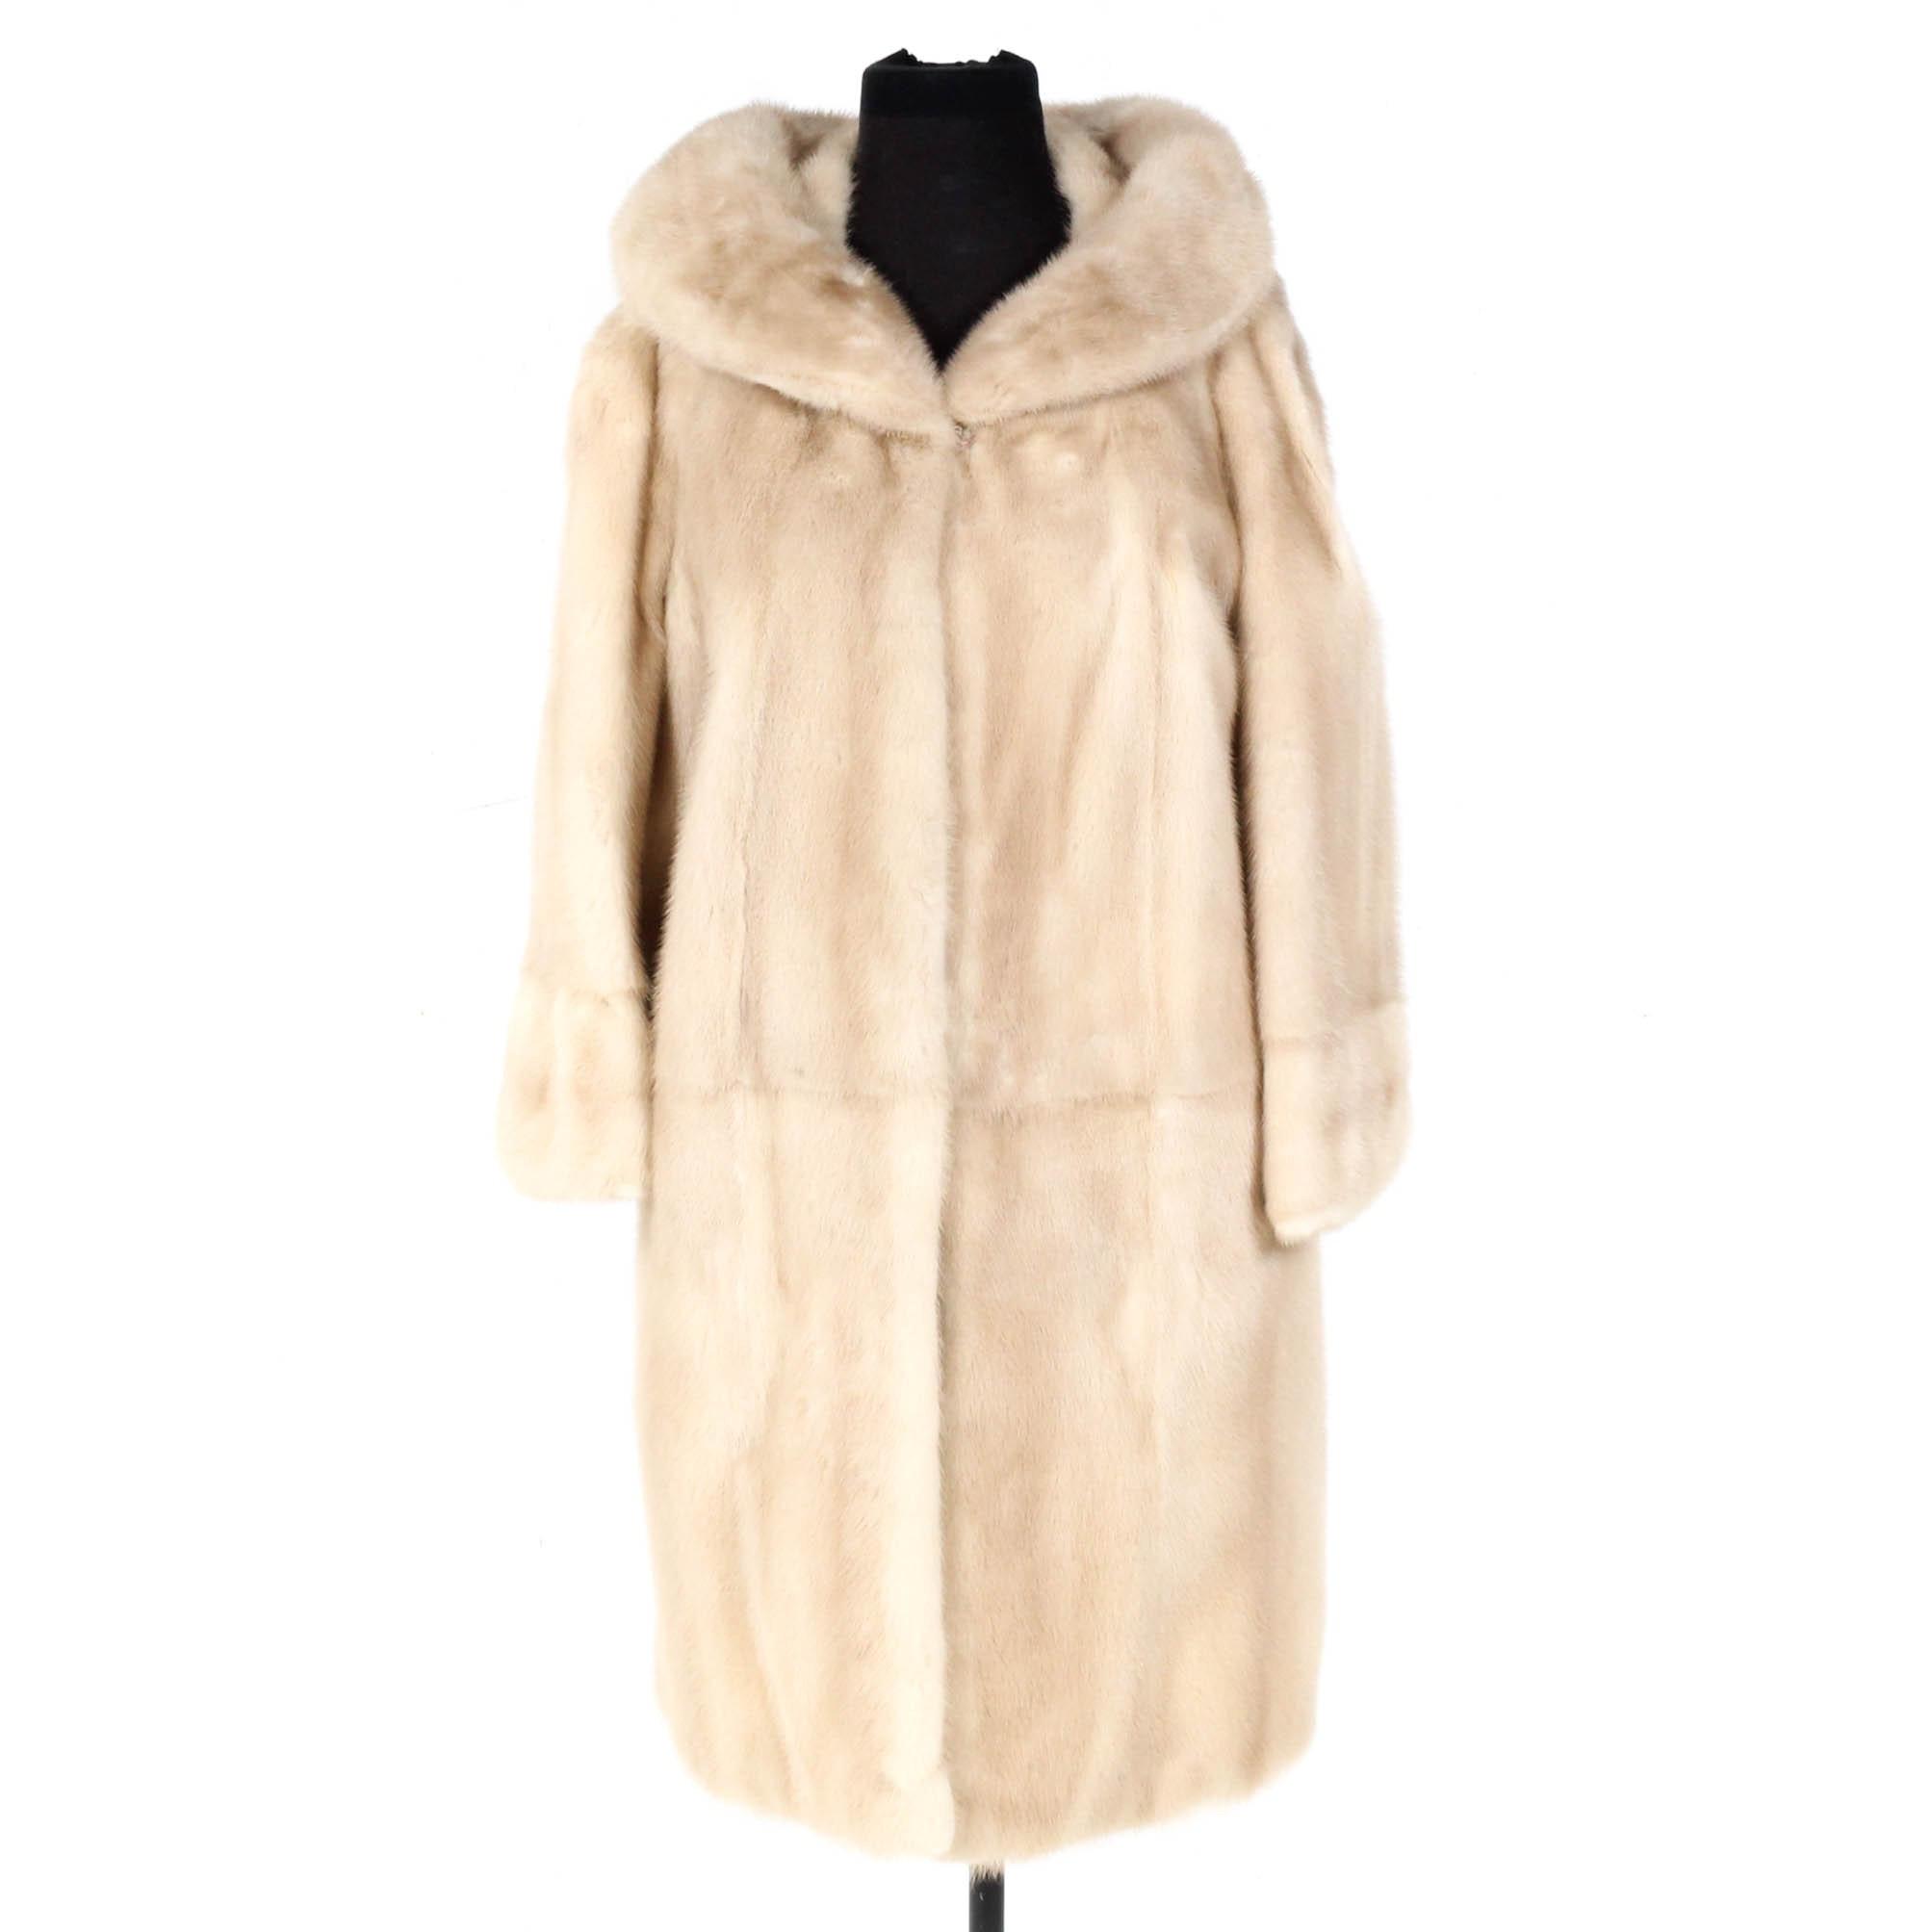 Vintage Pearl Mink Fur Coat